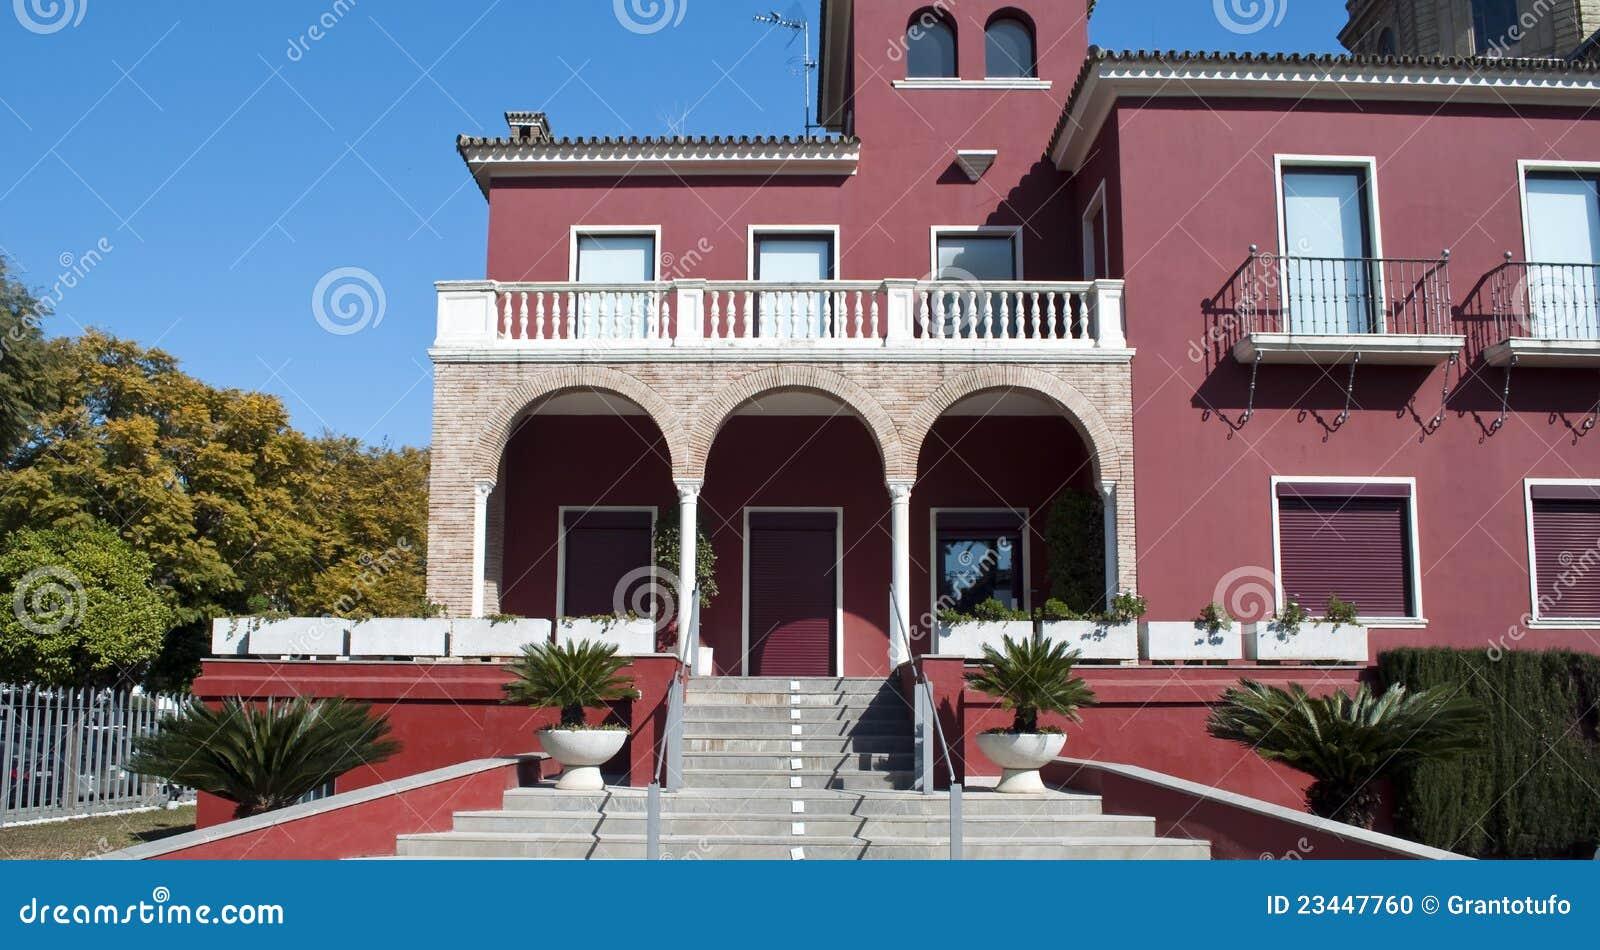 Maison violette s ville photo stock image 23447760 for Maison violette